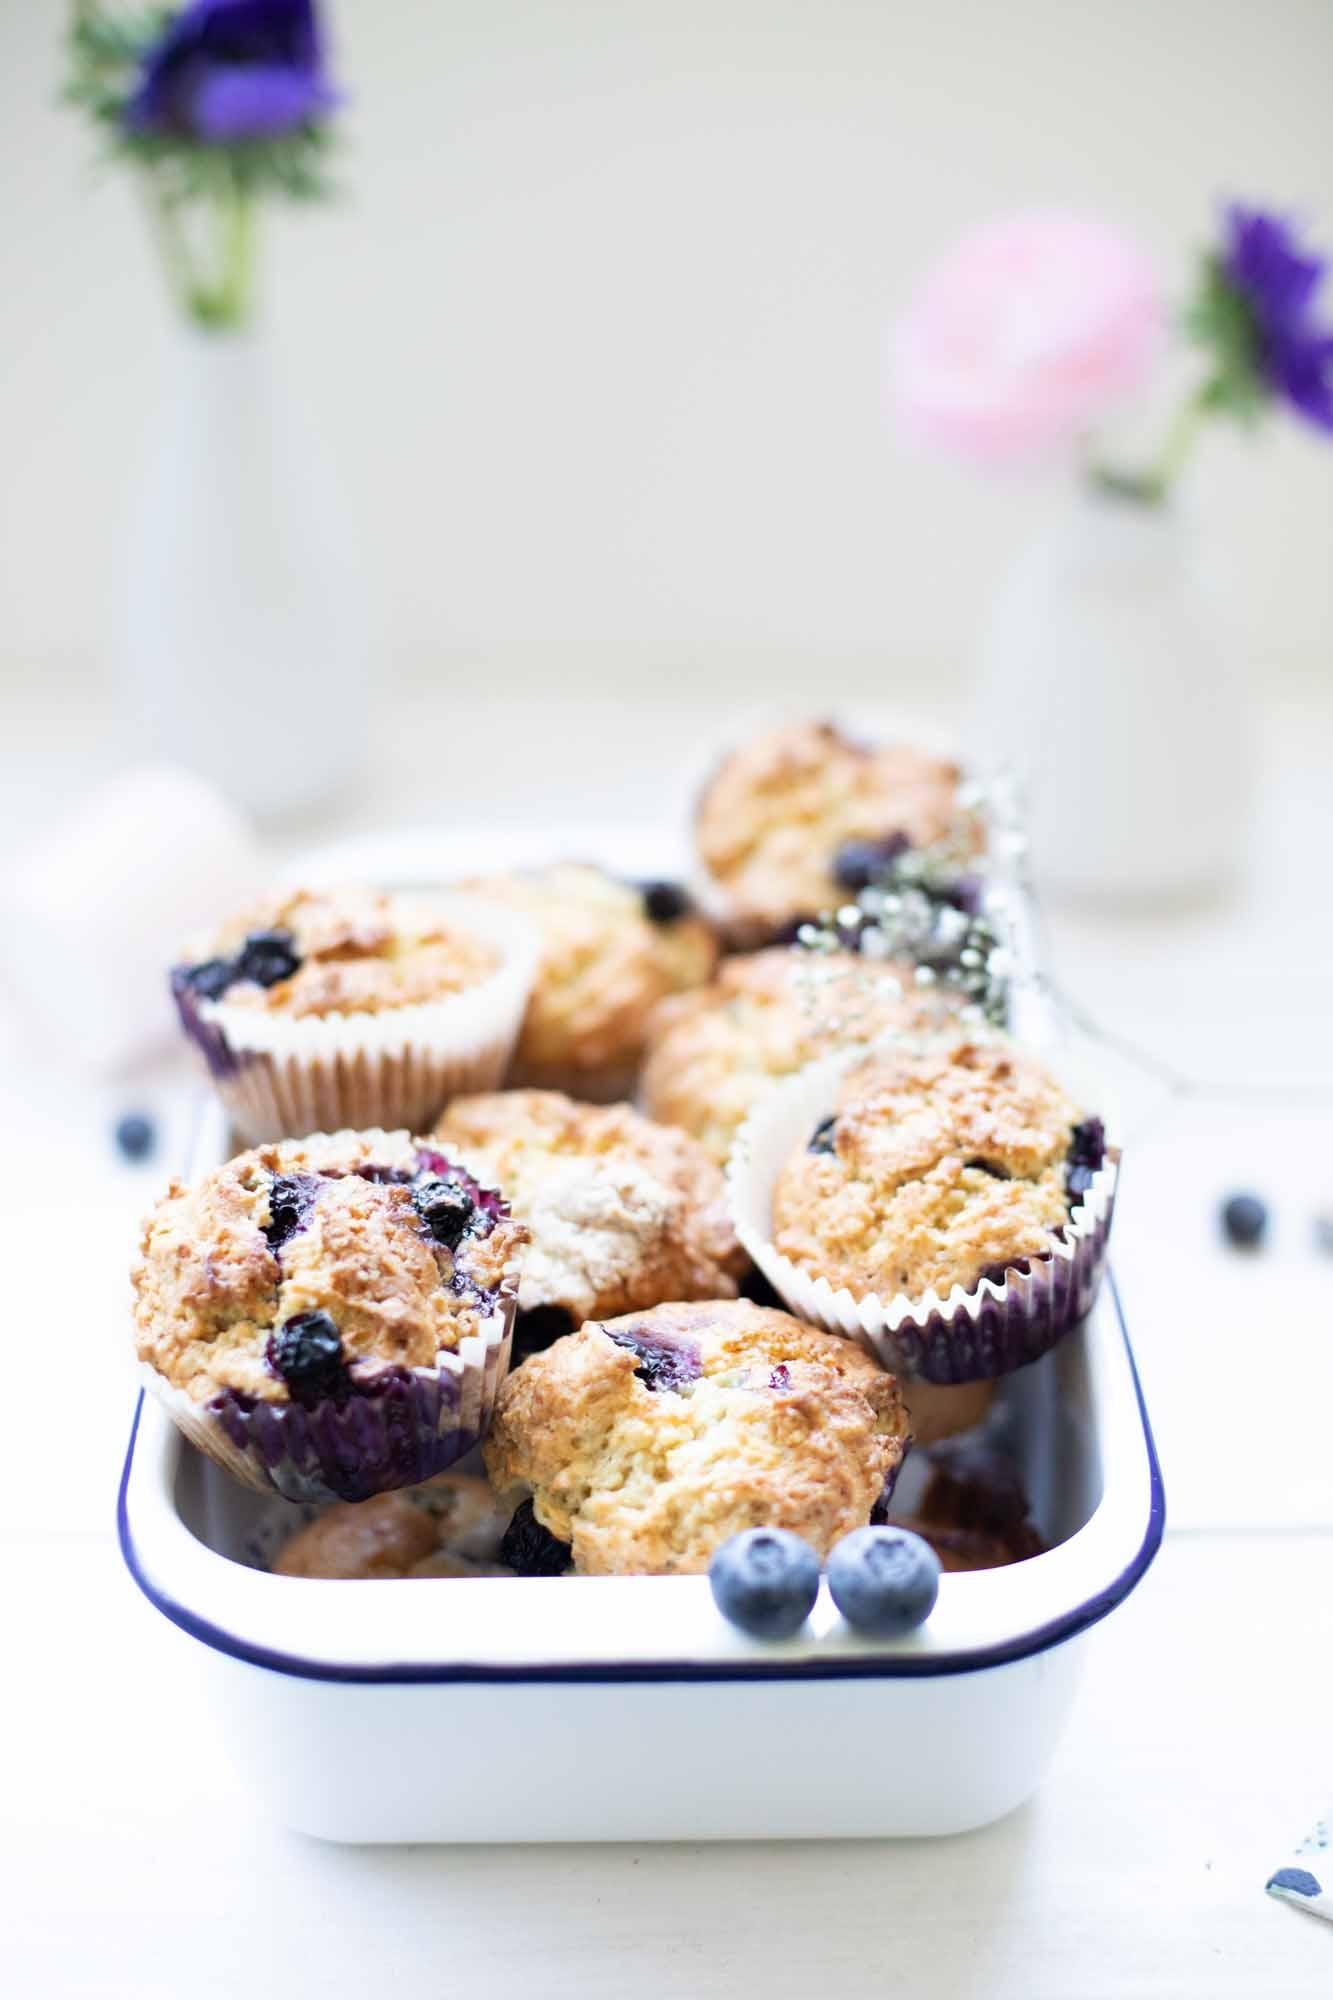 blaubeermuffins mit raps l fluffig und saftige muffins selber backen. Black Bedroom Furniture Sets. Home Design Ideas